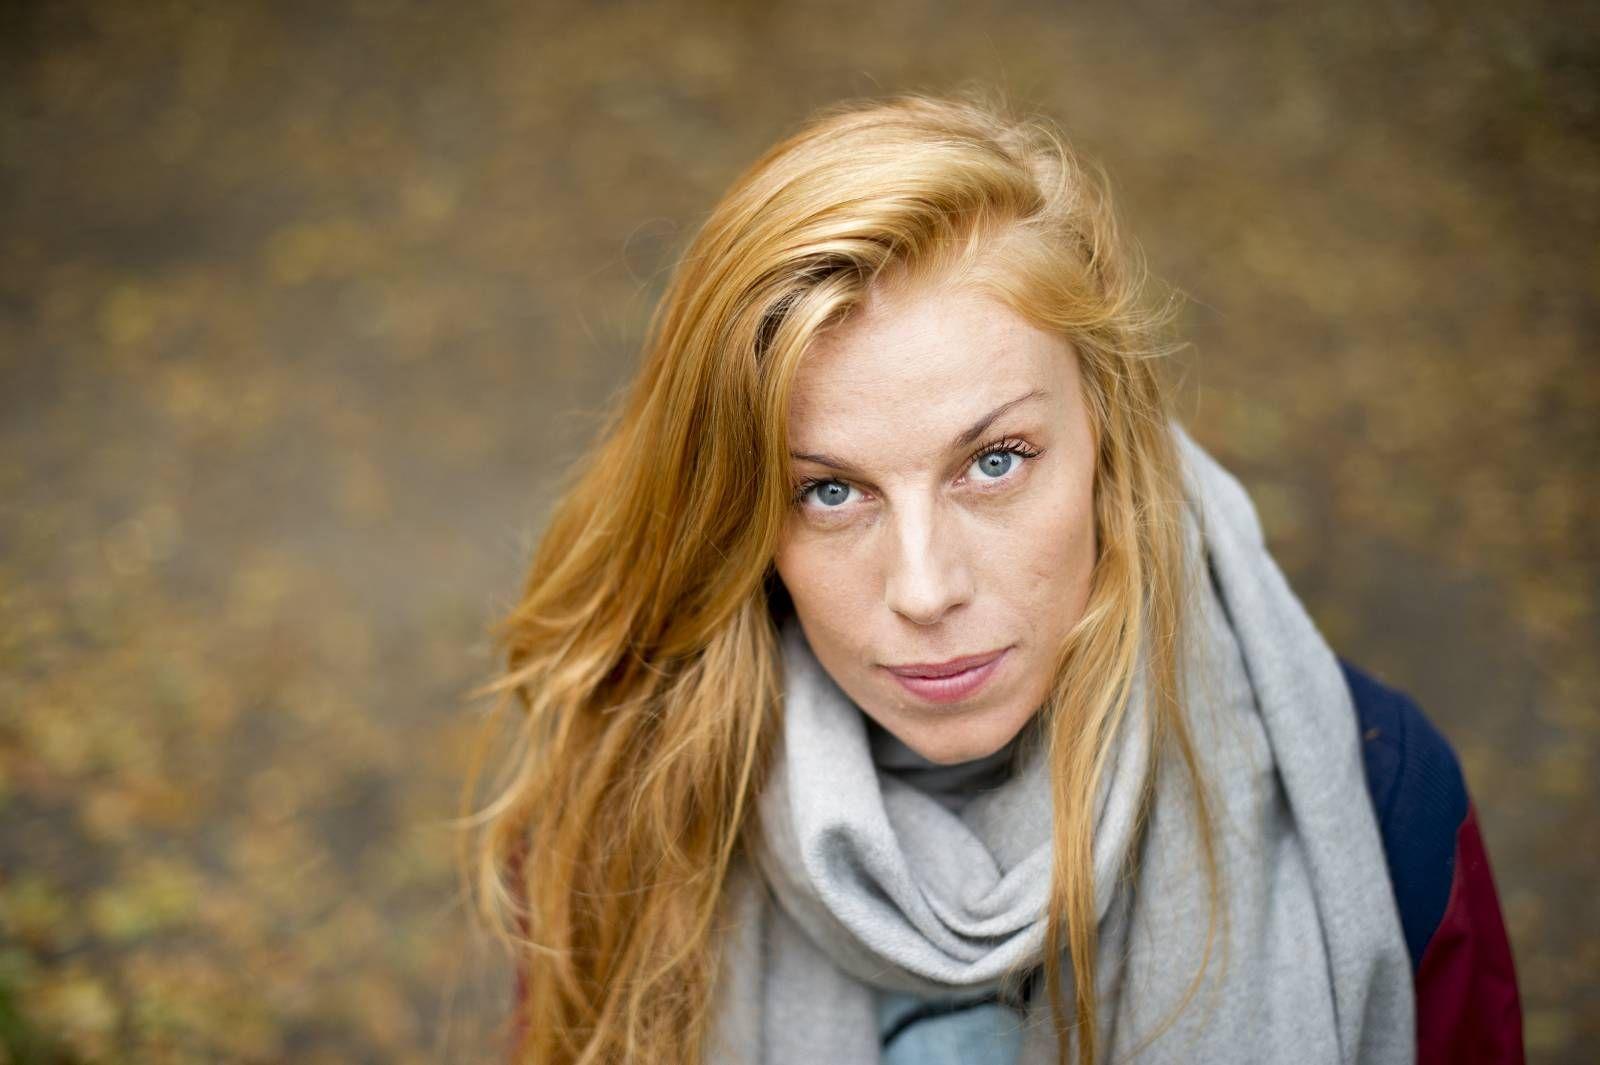 OPPTRER: Bergens-artisten Gabrielle opptrer på VG-lista-arrangementet på Festplassen onsdag kveld - som hun også har gjort tidligere.